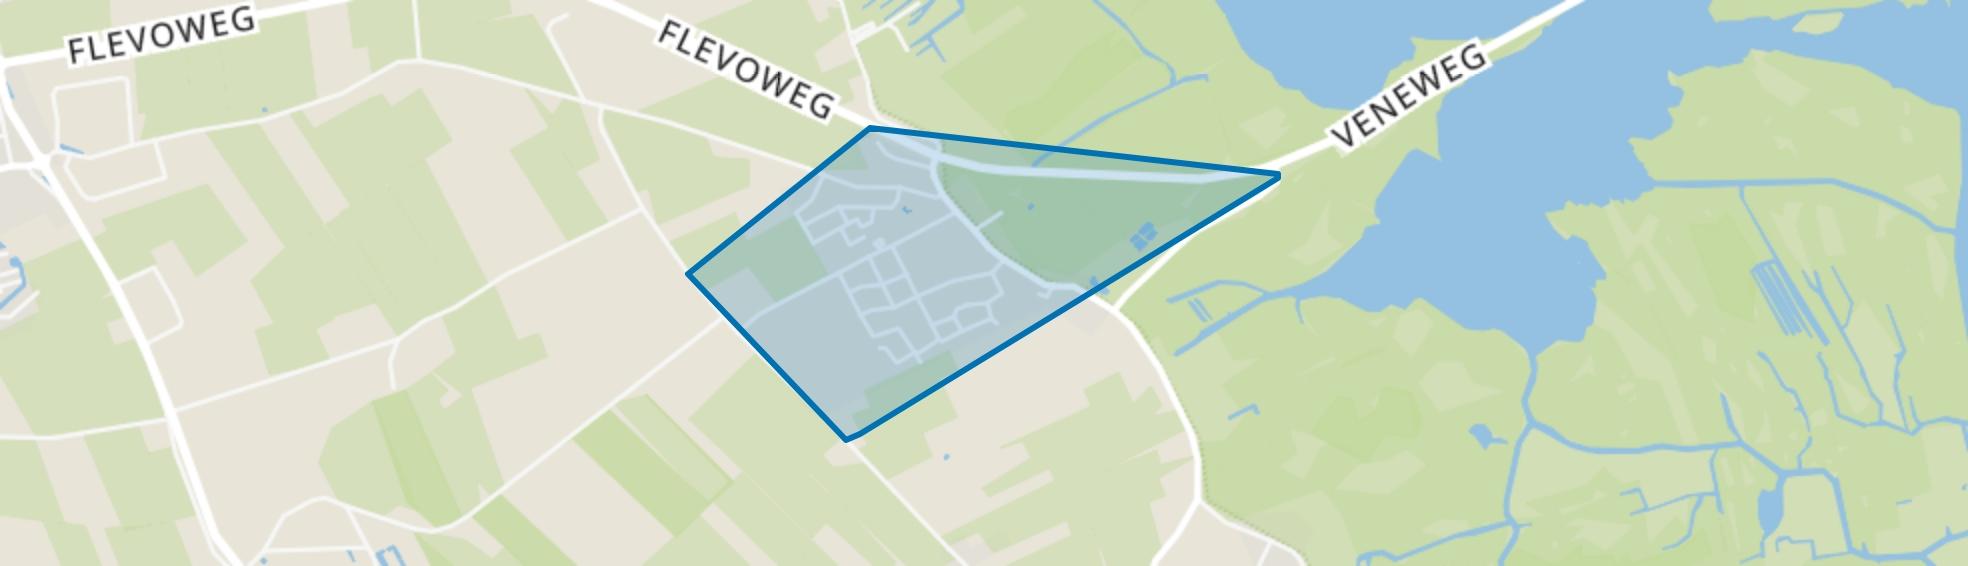 Sint Jansklooster, Sint Jansklooster map